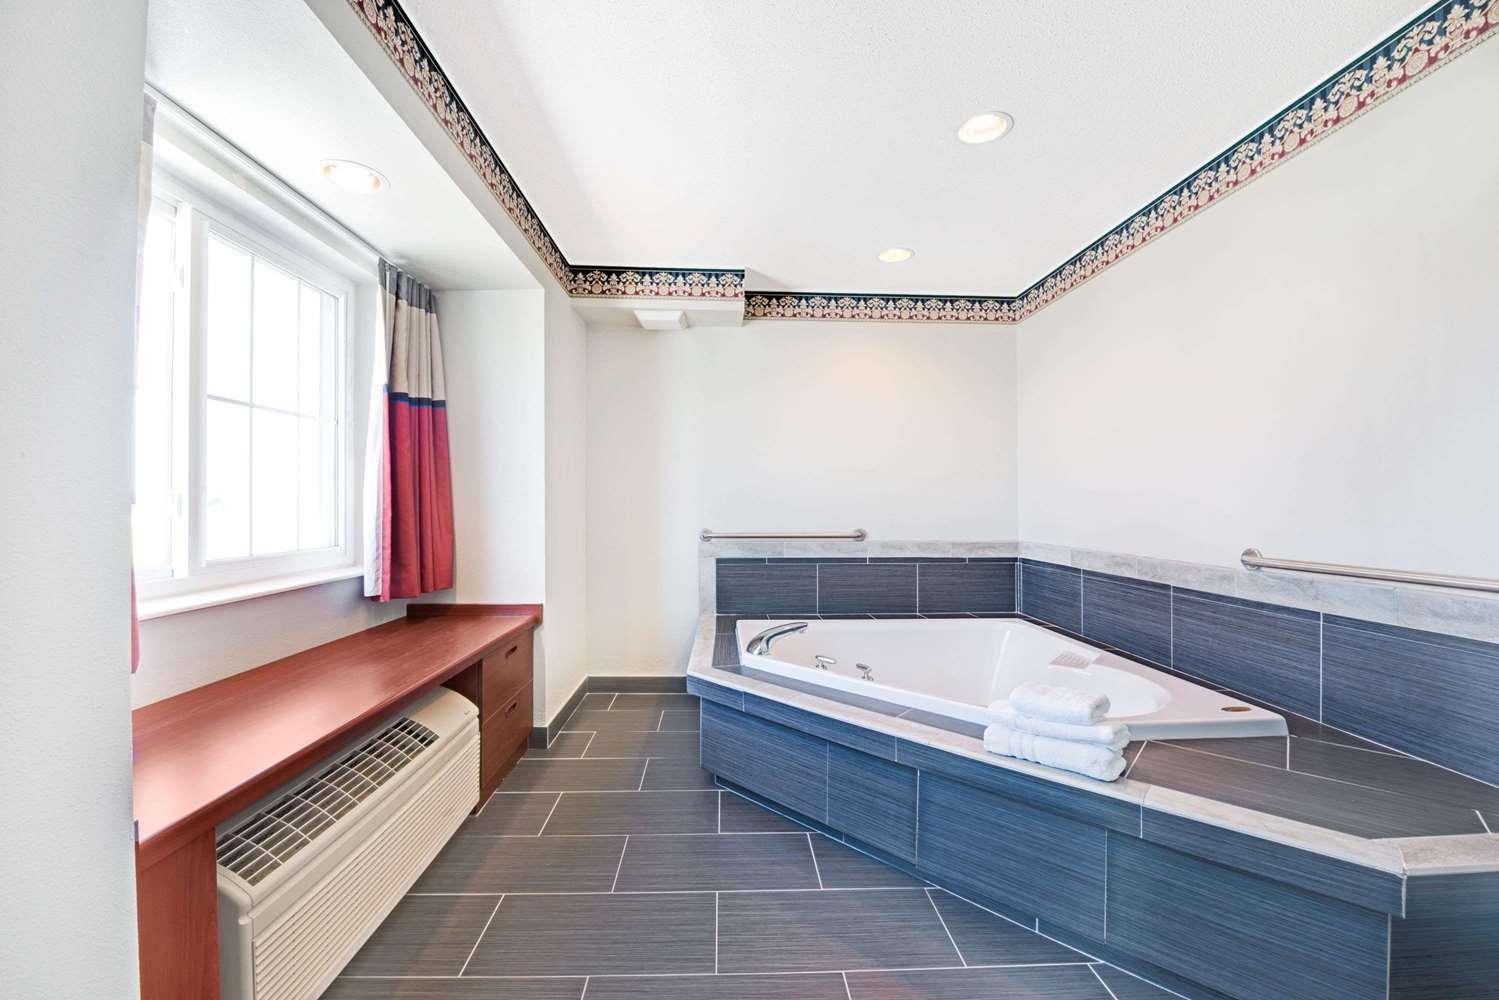 Amenities - Microtel Inn & Suites by Wyndham Urbandale